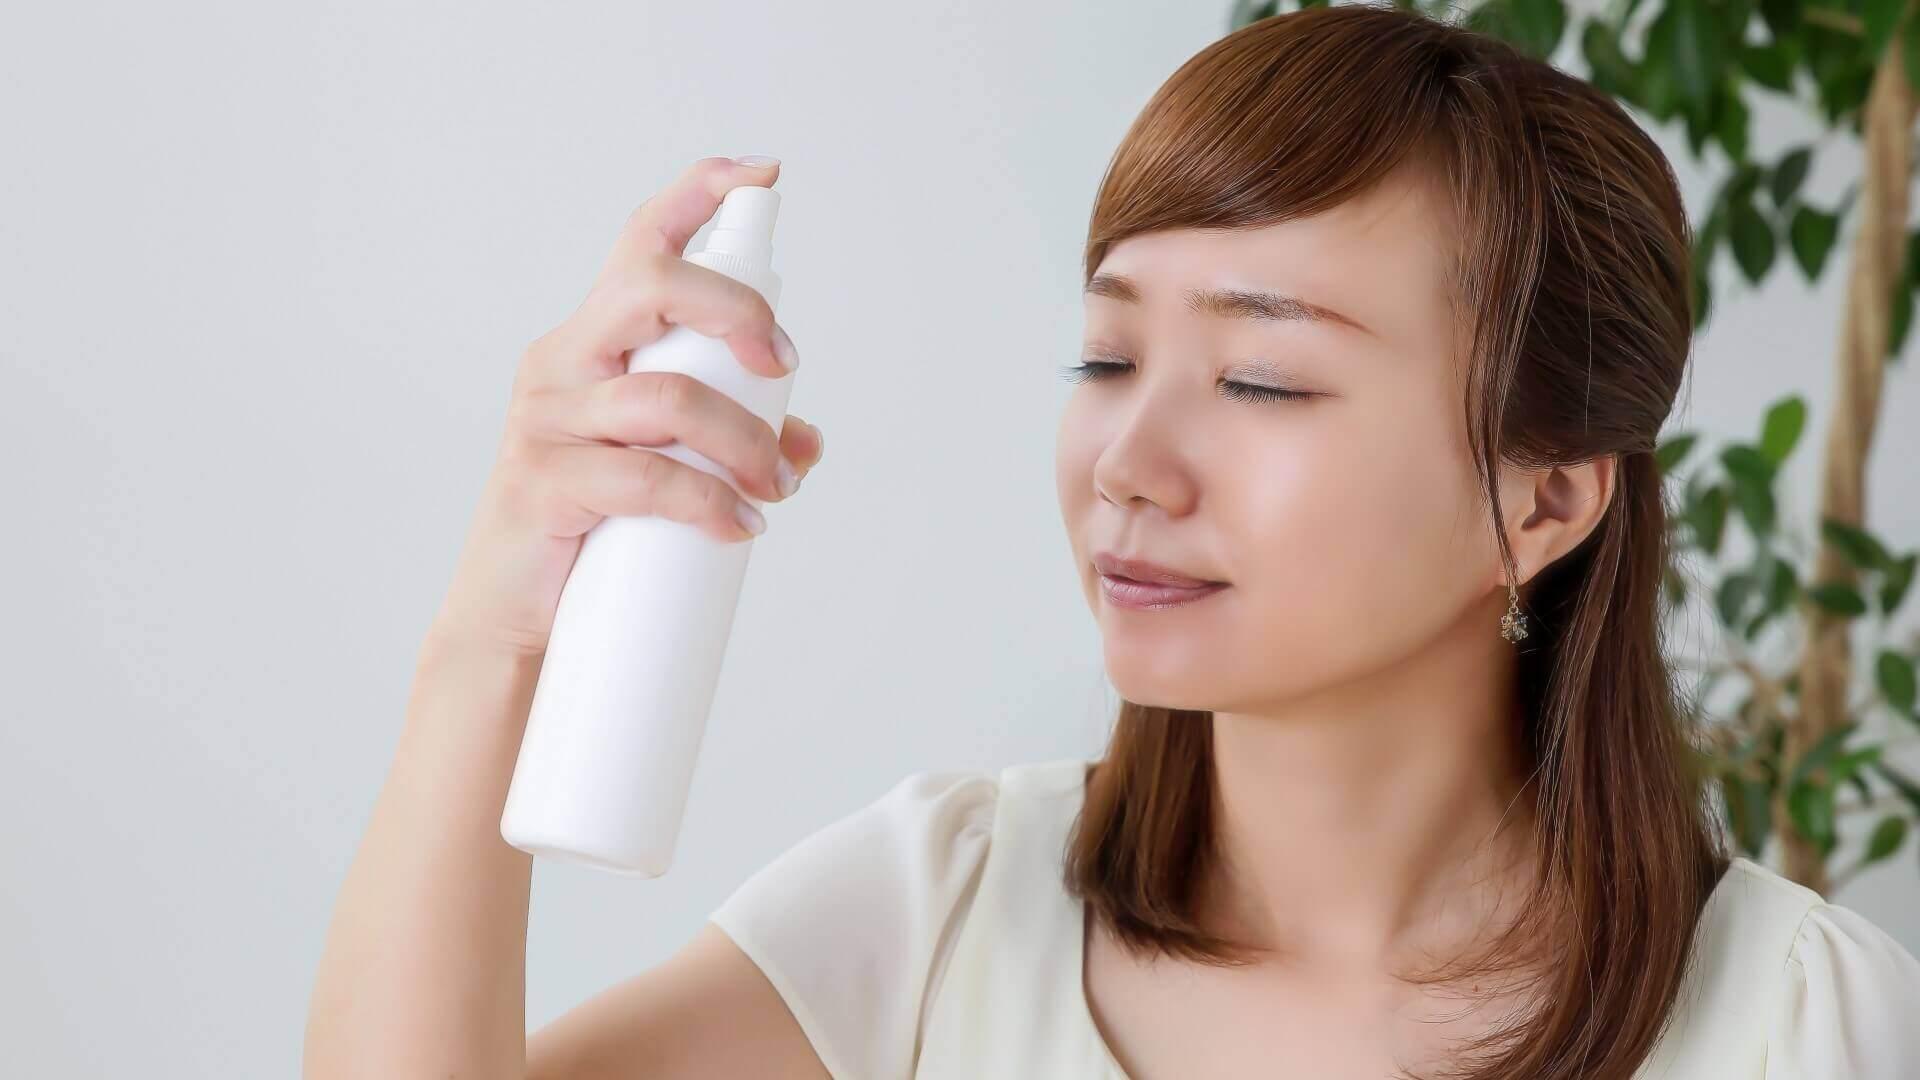 顔にミストを吹き付ける女性の画像